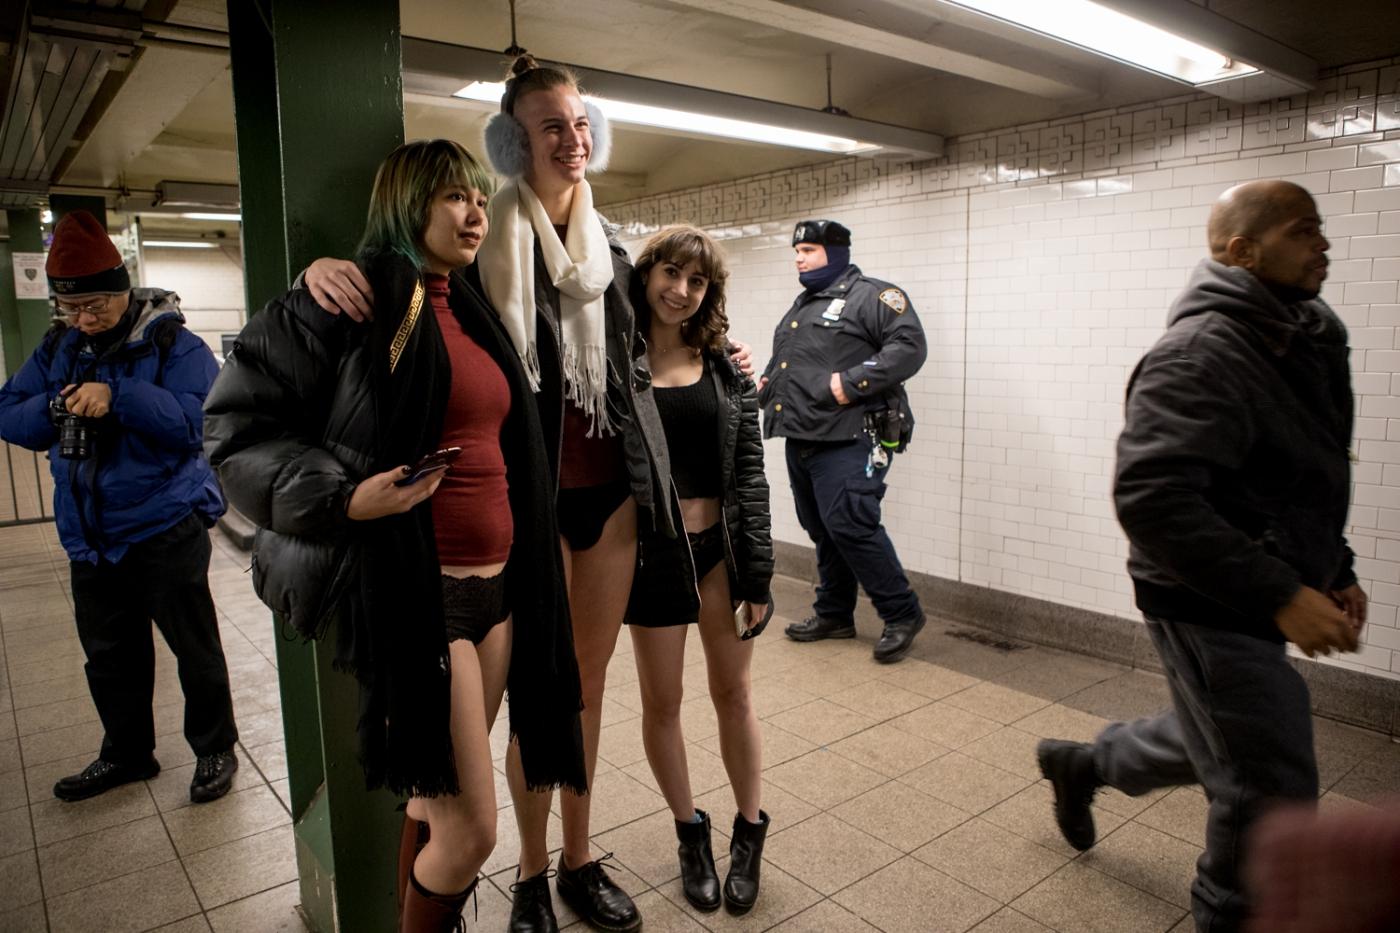 紐約無褲日一瞥 170108_图1-25